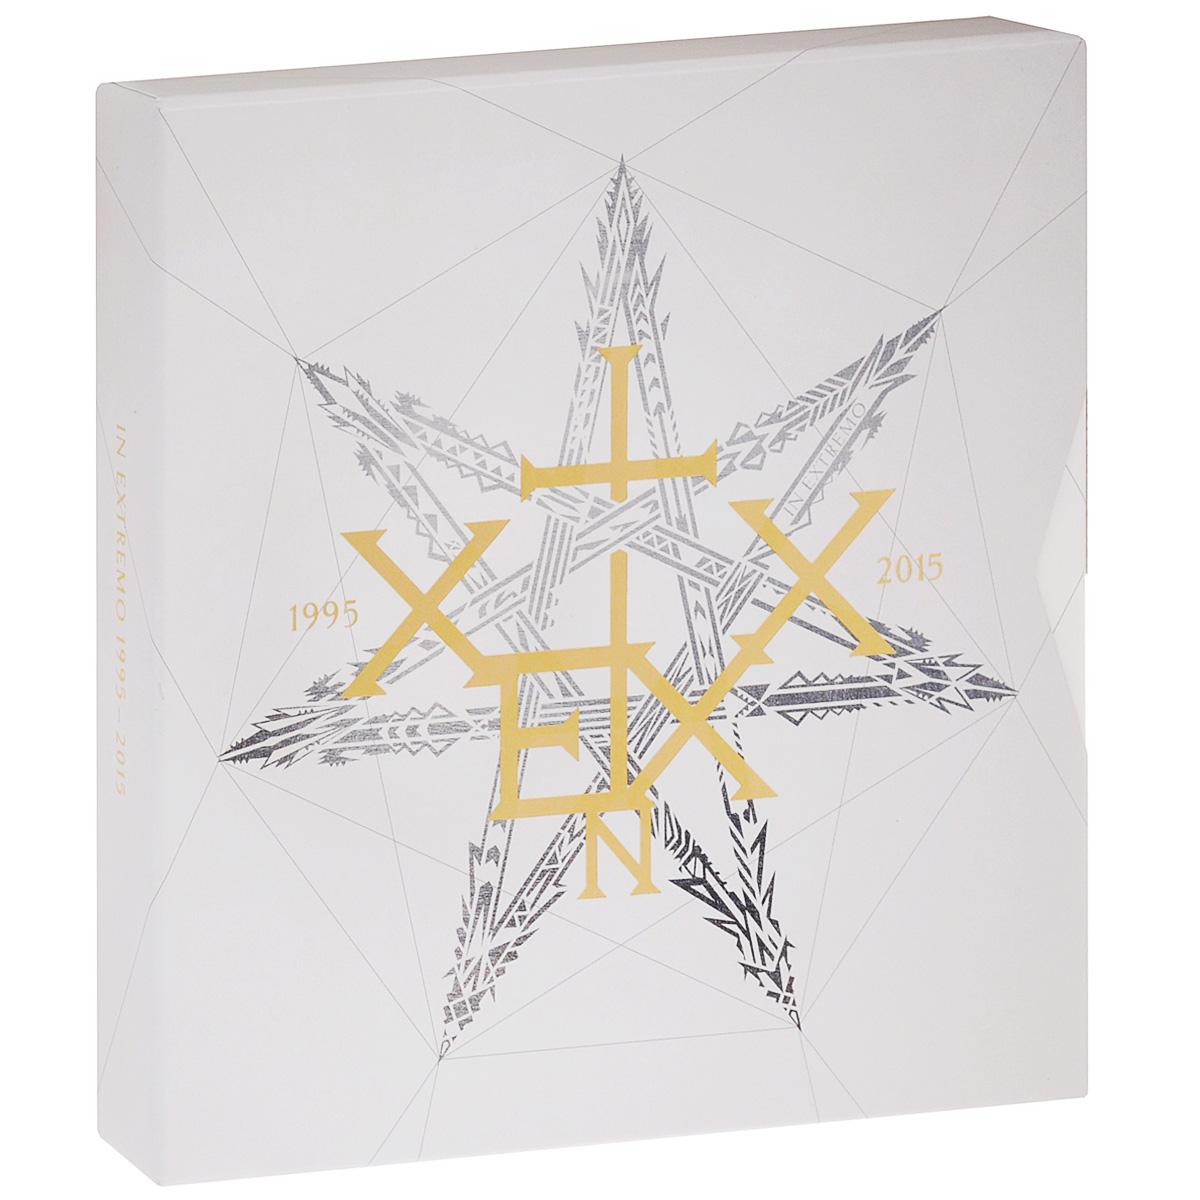 Издание содержит 60-страничный буклет-книгу с фотографиями и дополнительной информацией на немецком языке. Карточку с символикой группы размером 24 см х 24 см.